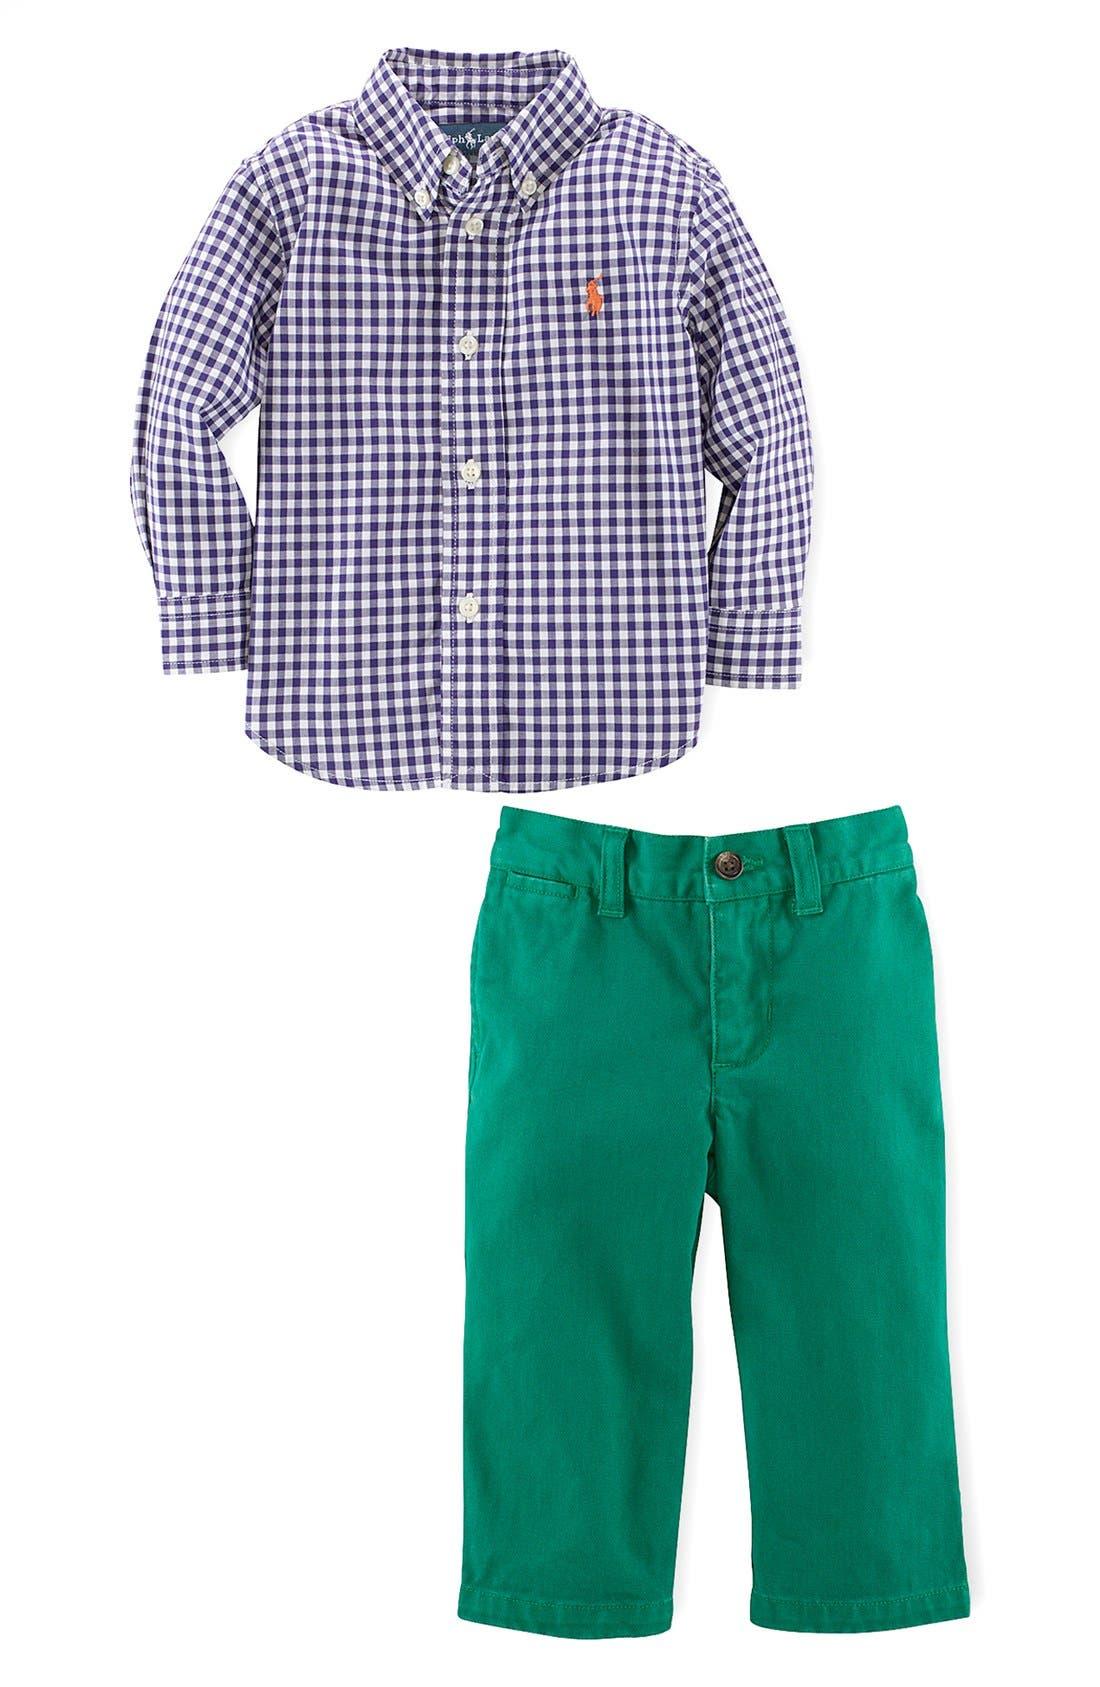 Alternate Image 2  - Ralph Lauren Shirt & Chinos (Baby Boys)